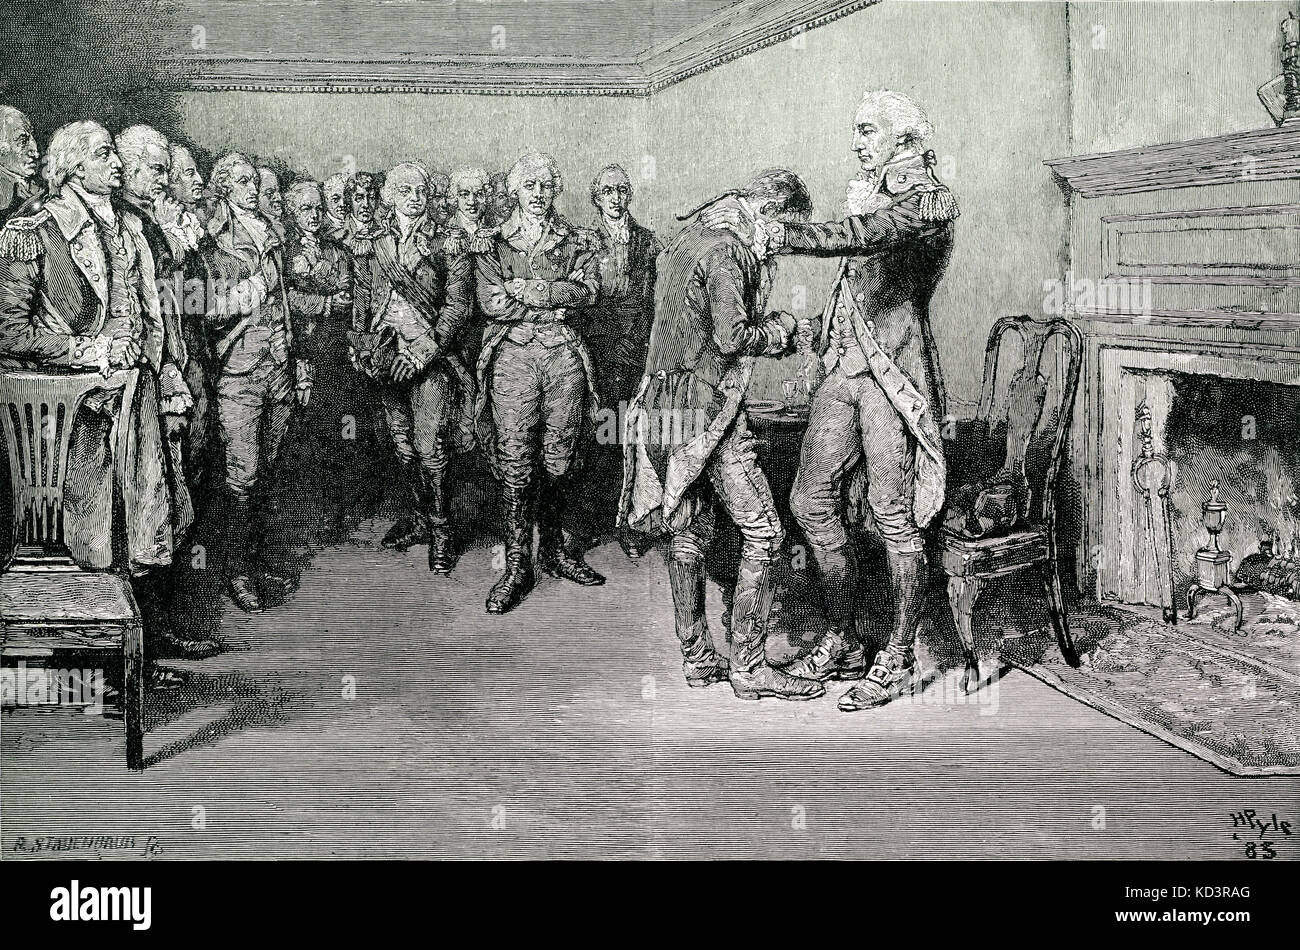 Washington prend congé de ses officiers, 4 décembre 1783, après la fin de la Révolution américaine. Illustration de Howard Pyle, 1896 Banque D'Images